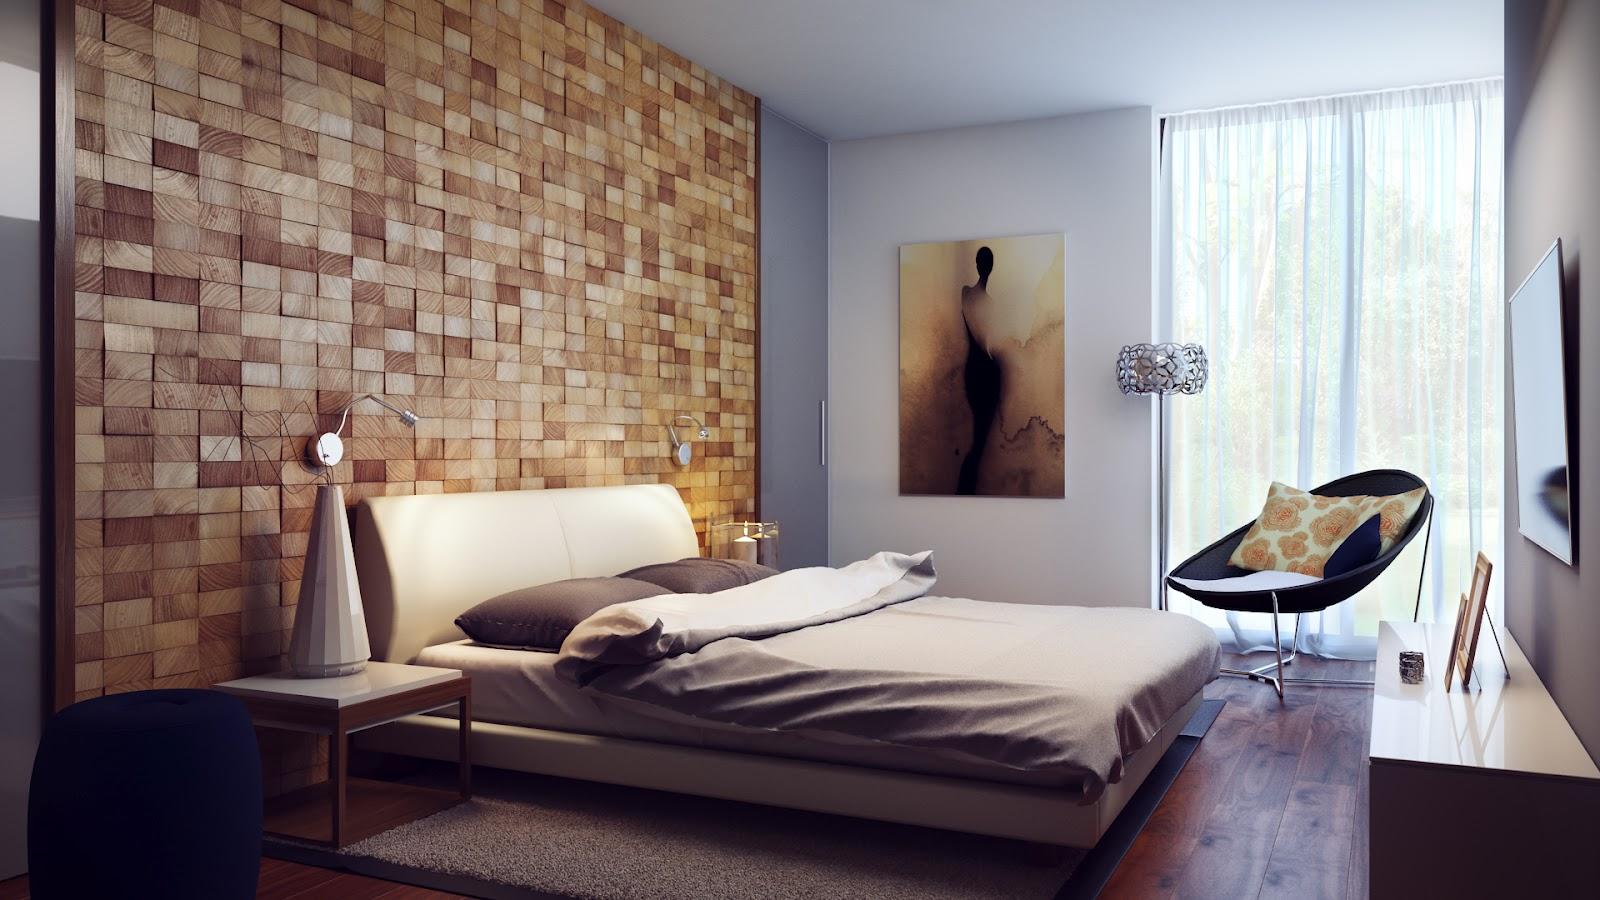 дизайн интерьера квартир фотообои фото #14